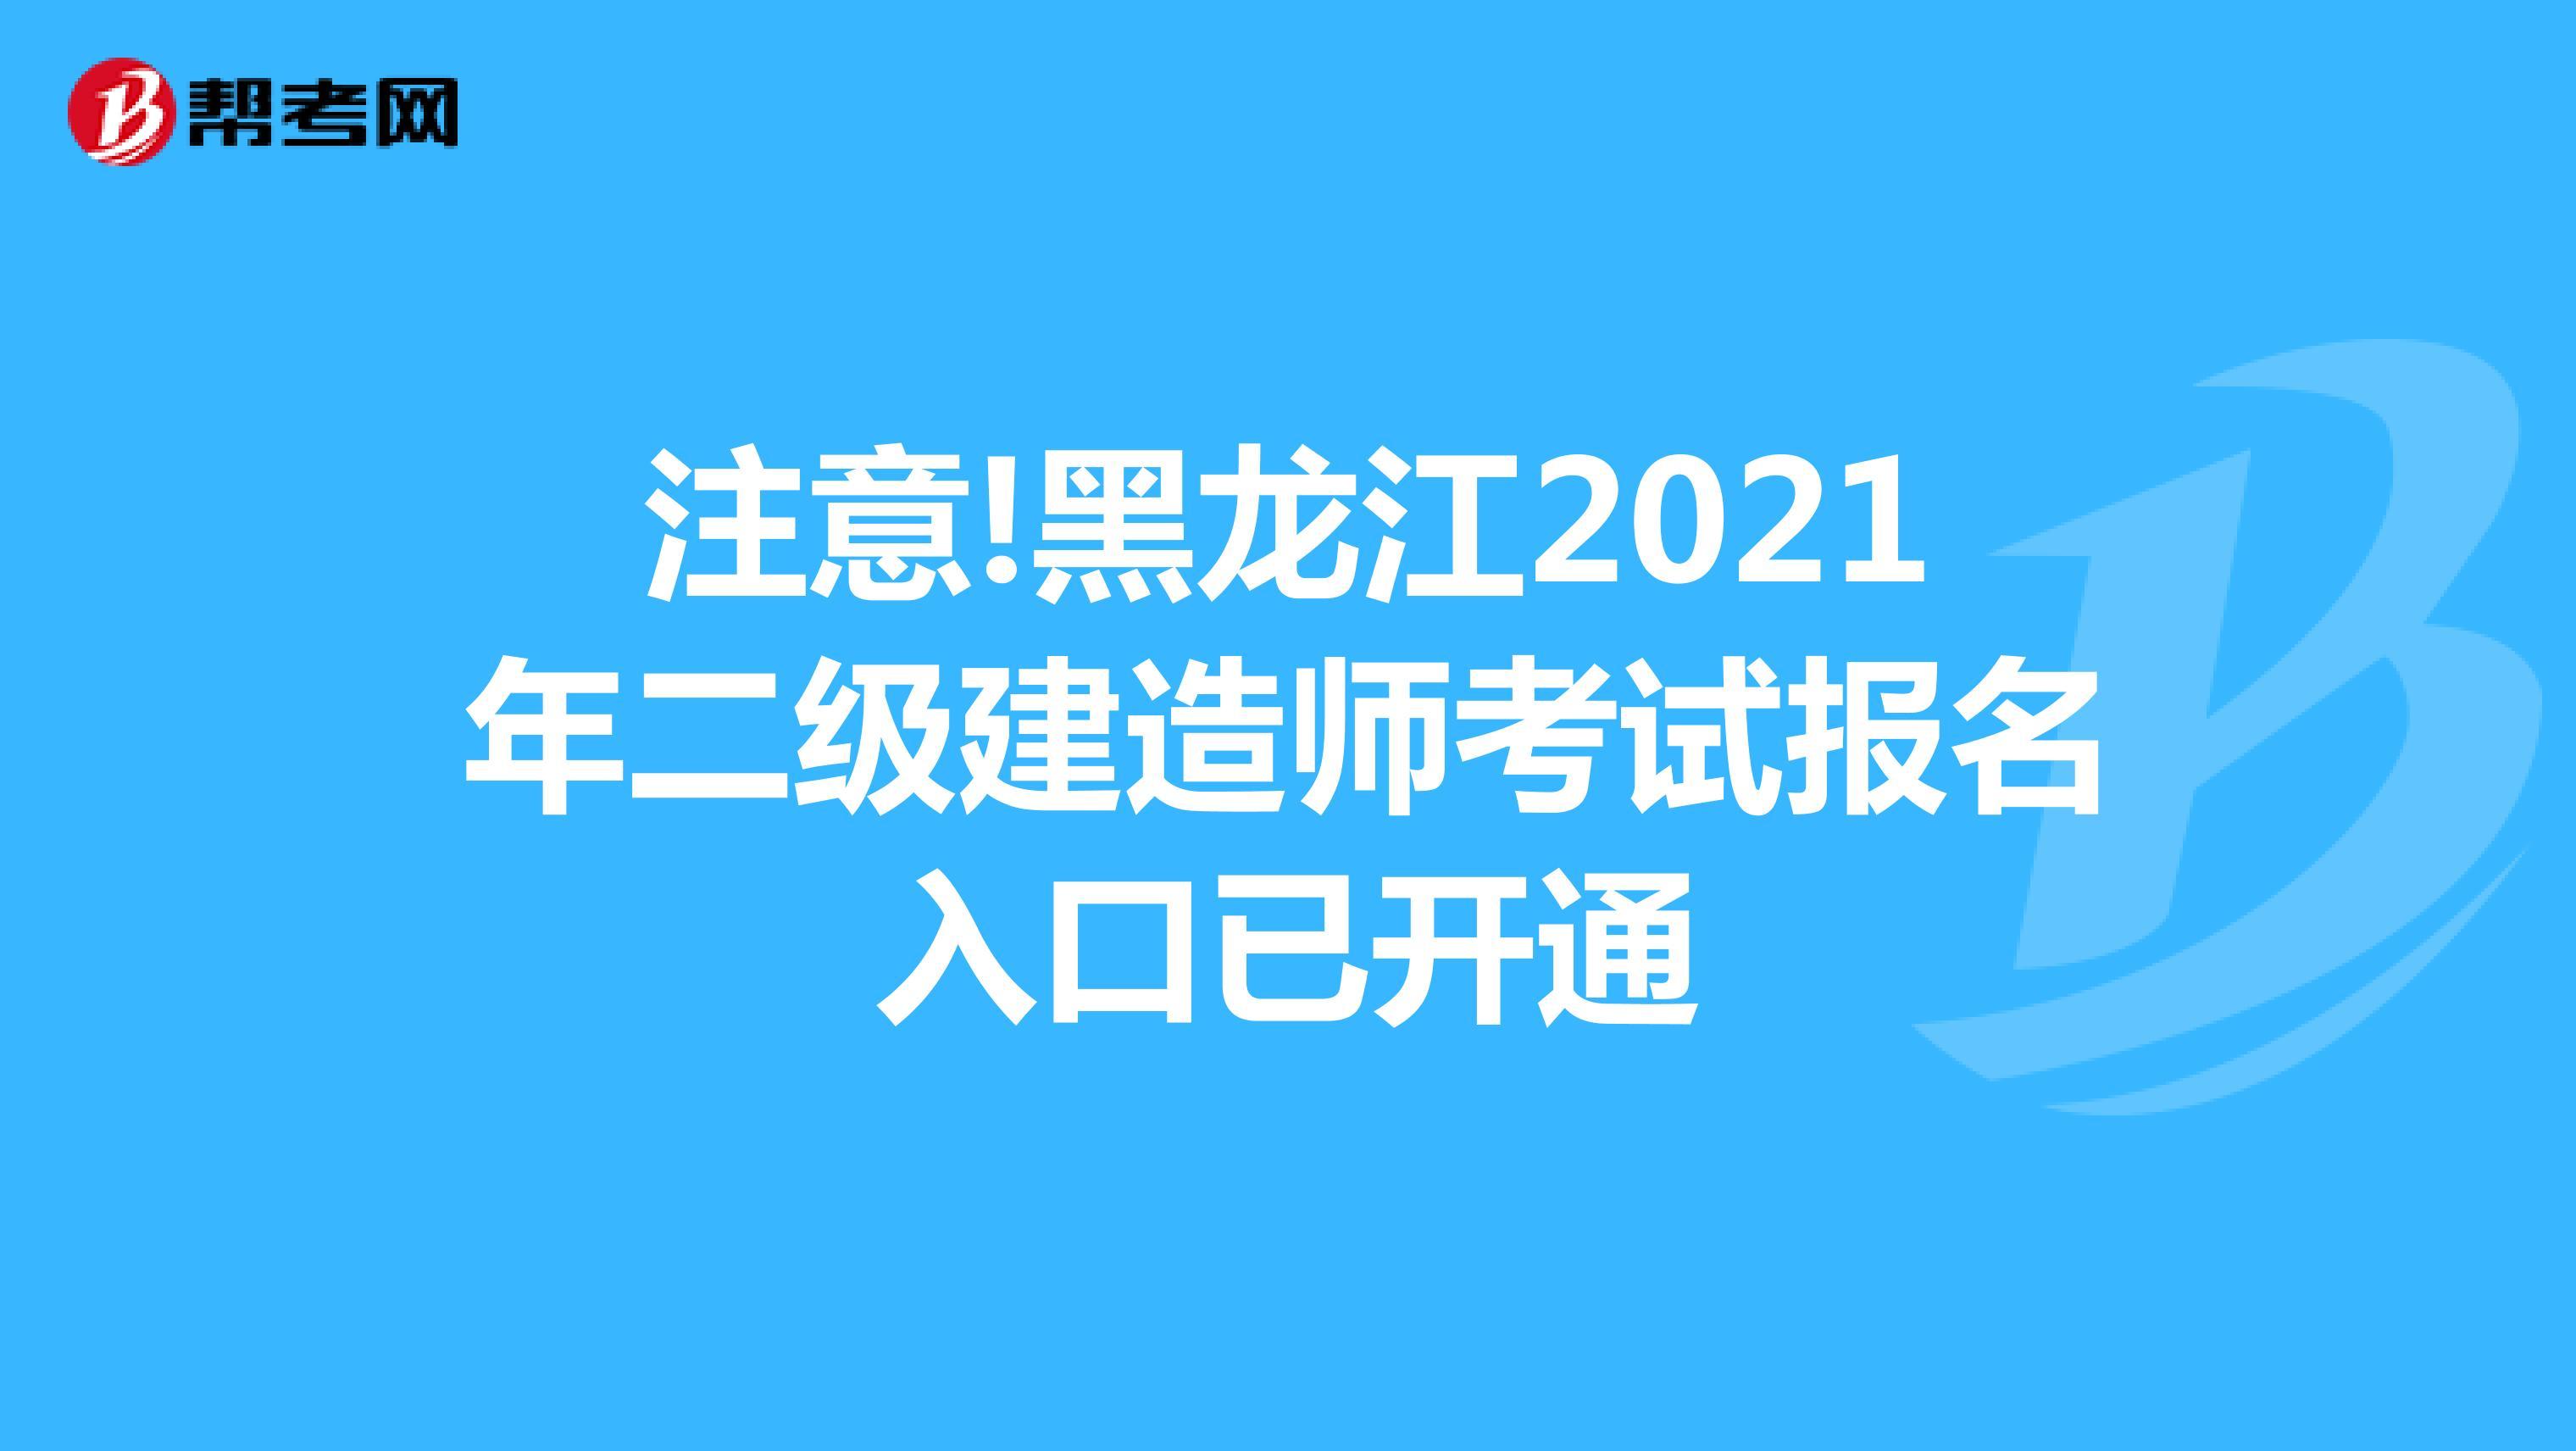 注意!黑龙江2021年二级建造师考试报名入口已开通